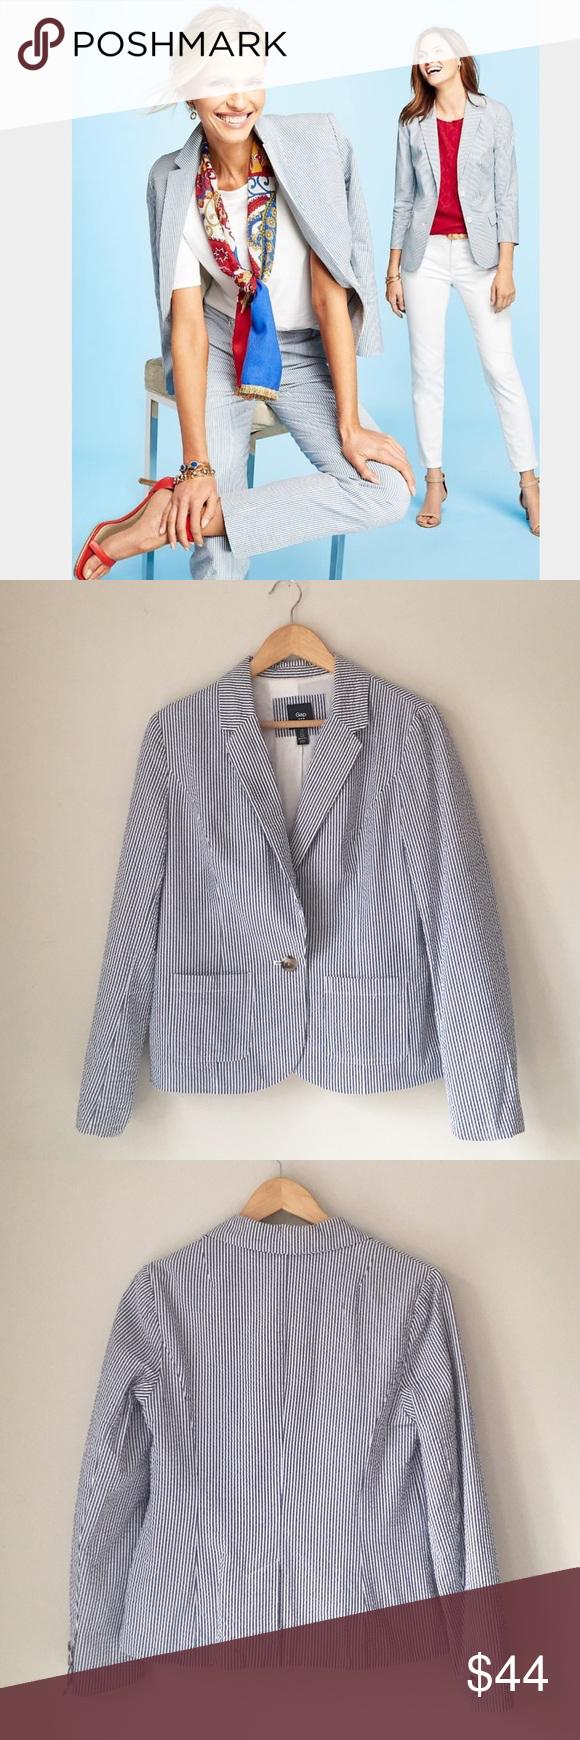 GAP Blue & White Seersucker Blazer Blue & white stripe Seersucker blazer by GAP. 100% cotton. Size 8. Excellent condition! GAP Jackets & Coats Blazers